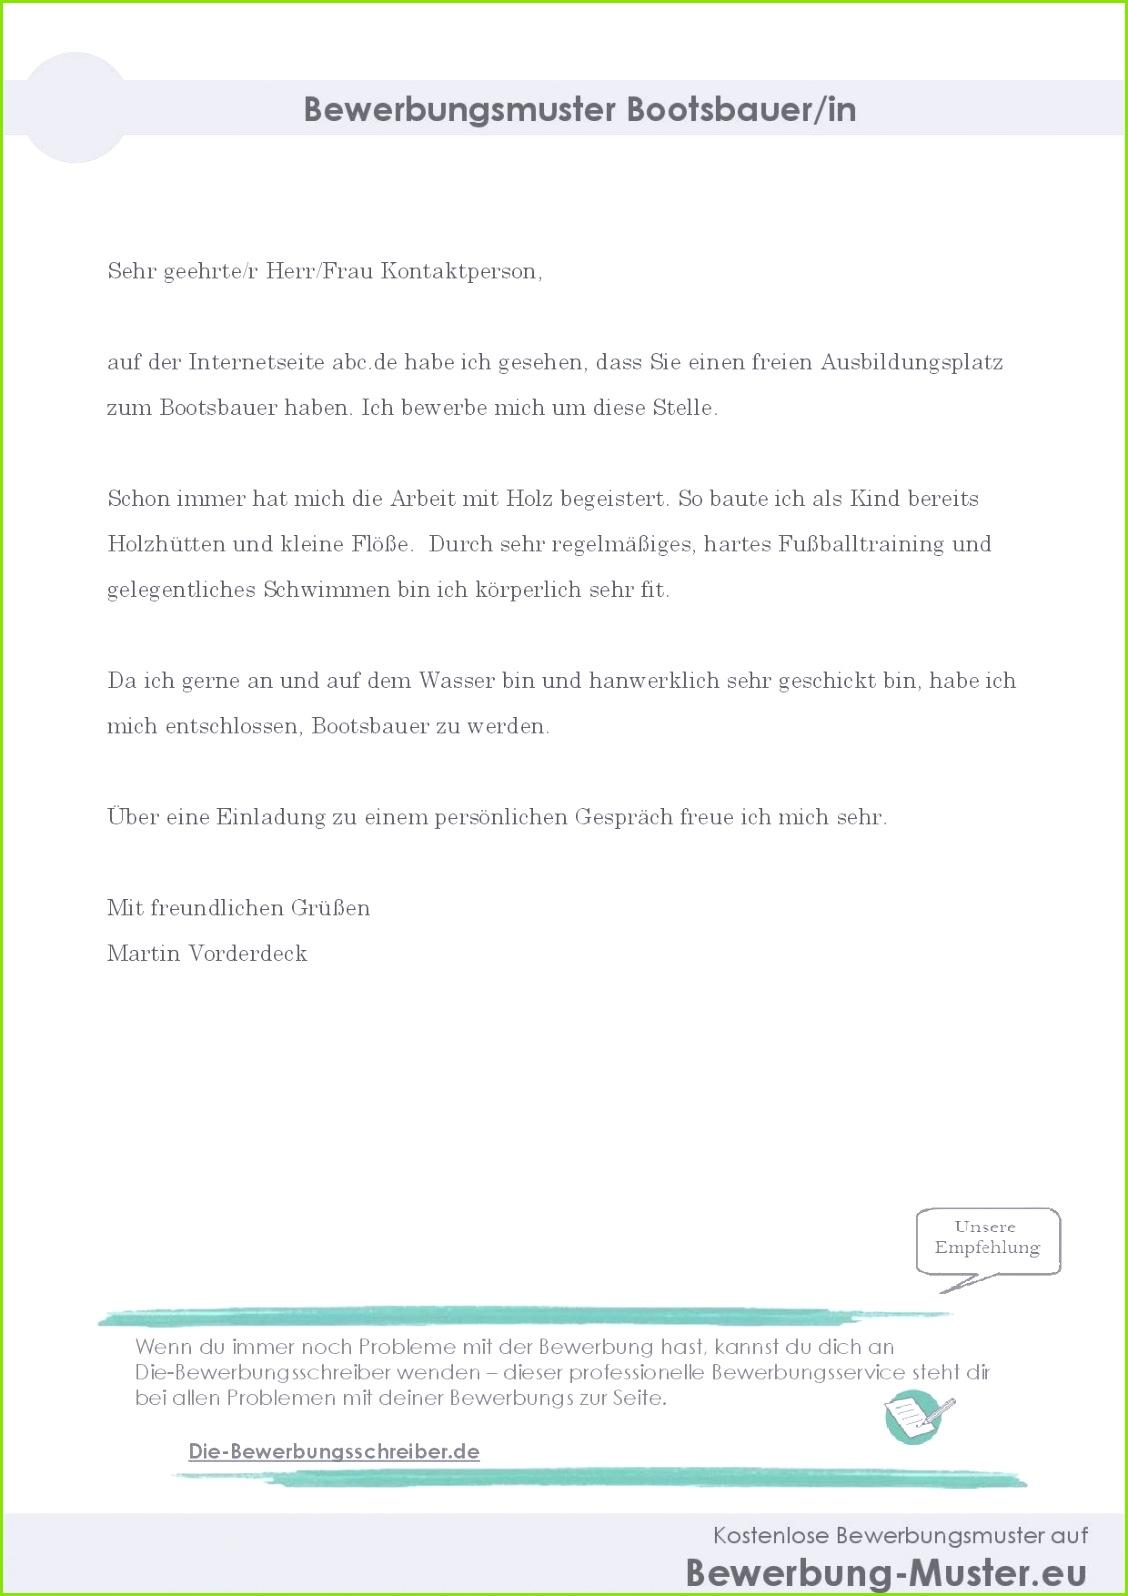 Gemütlich Firmenprofil Kostenlose Vorlage Zeitgenössisch Entry Unglaubliche 32 Kündigung Ausbildung Vorlage – Bürgschaft Vorlage Pdf